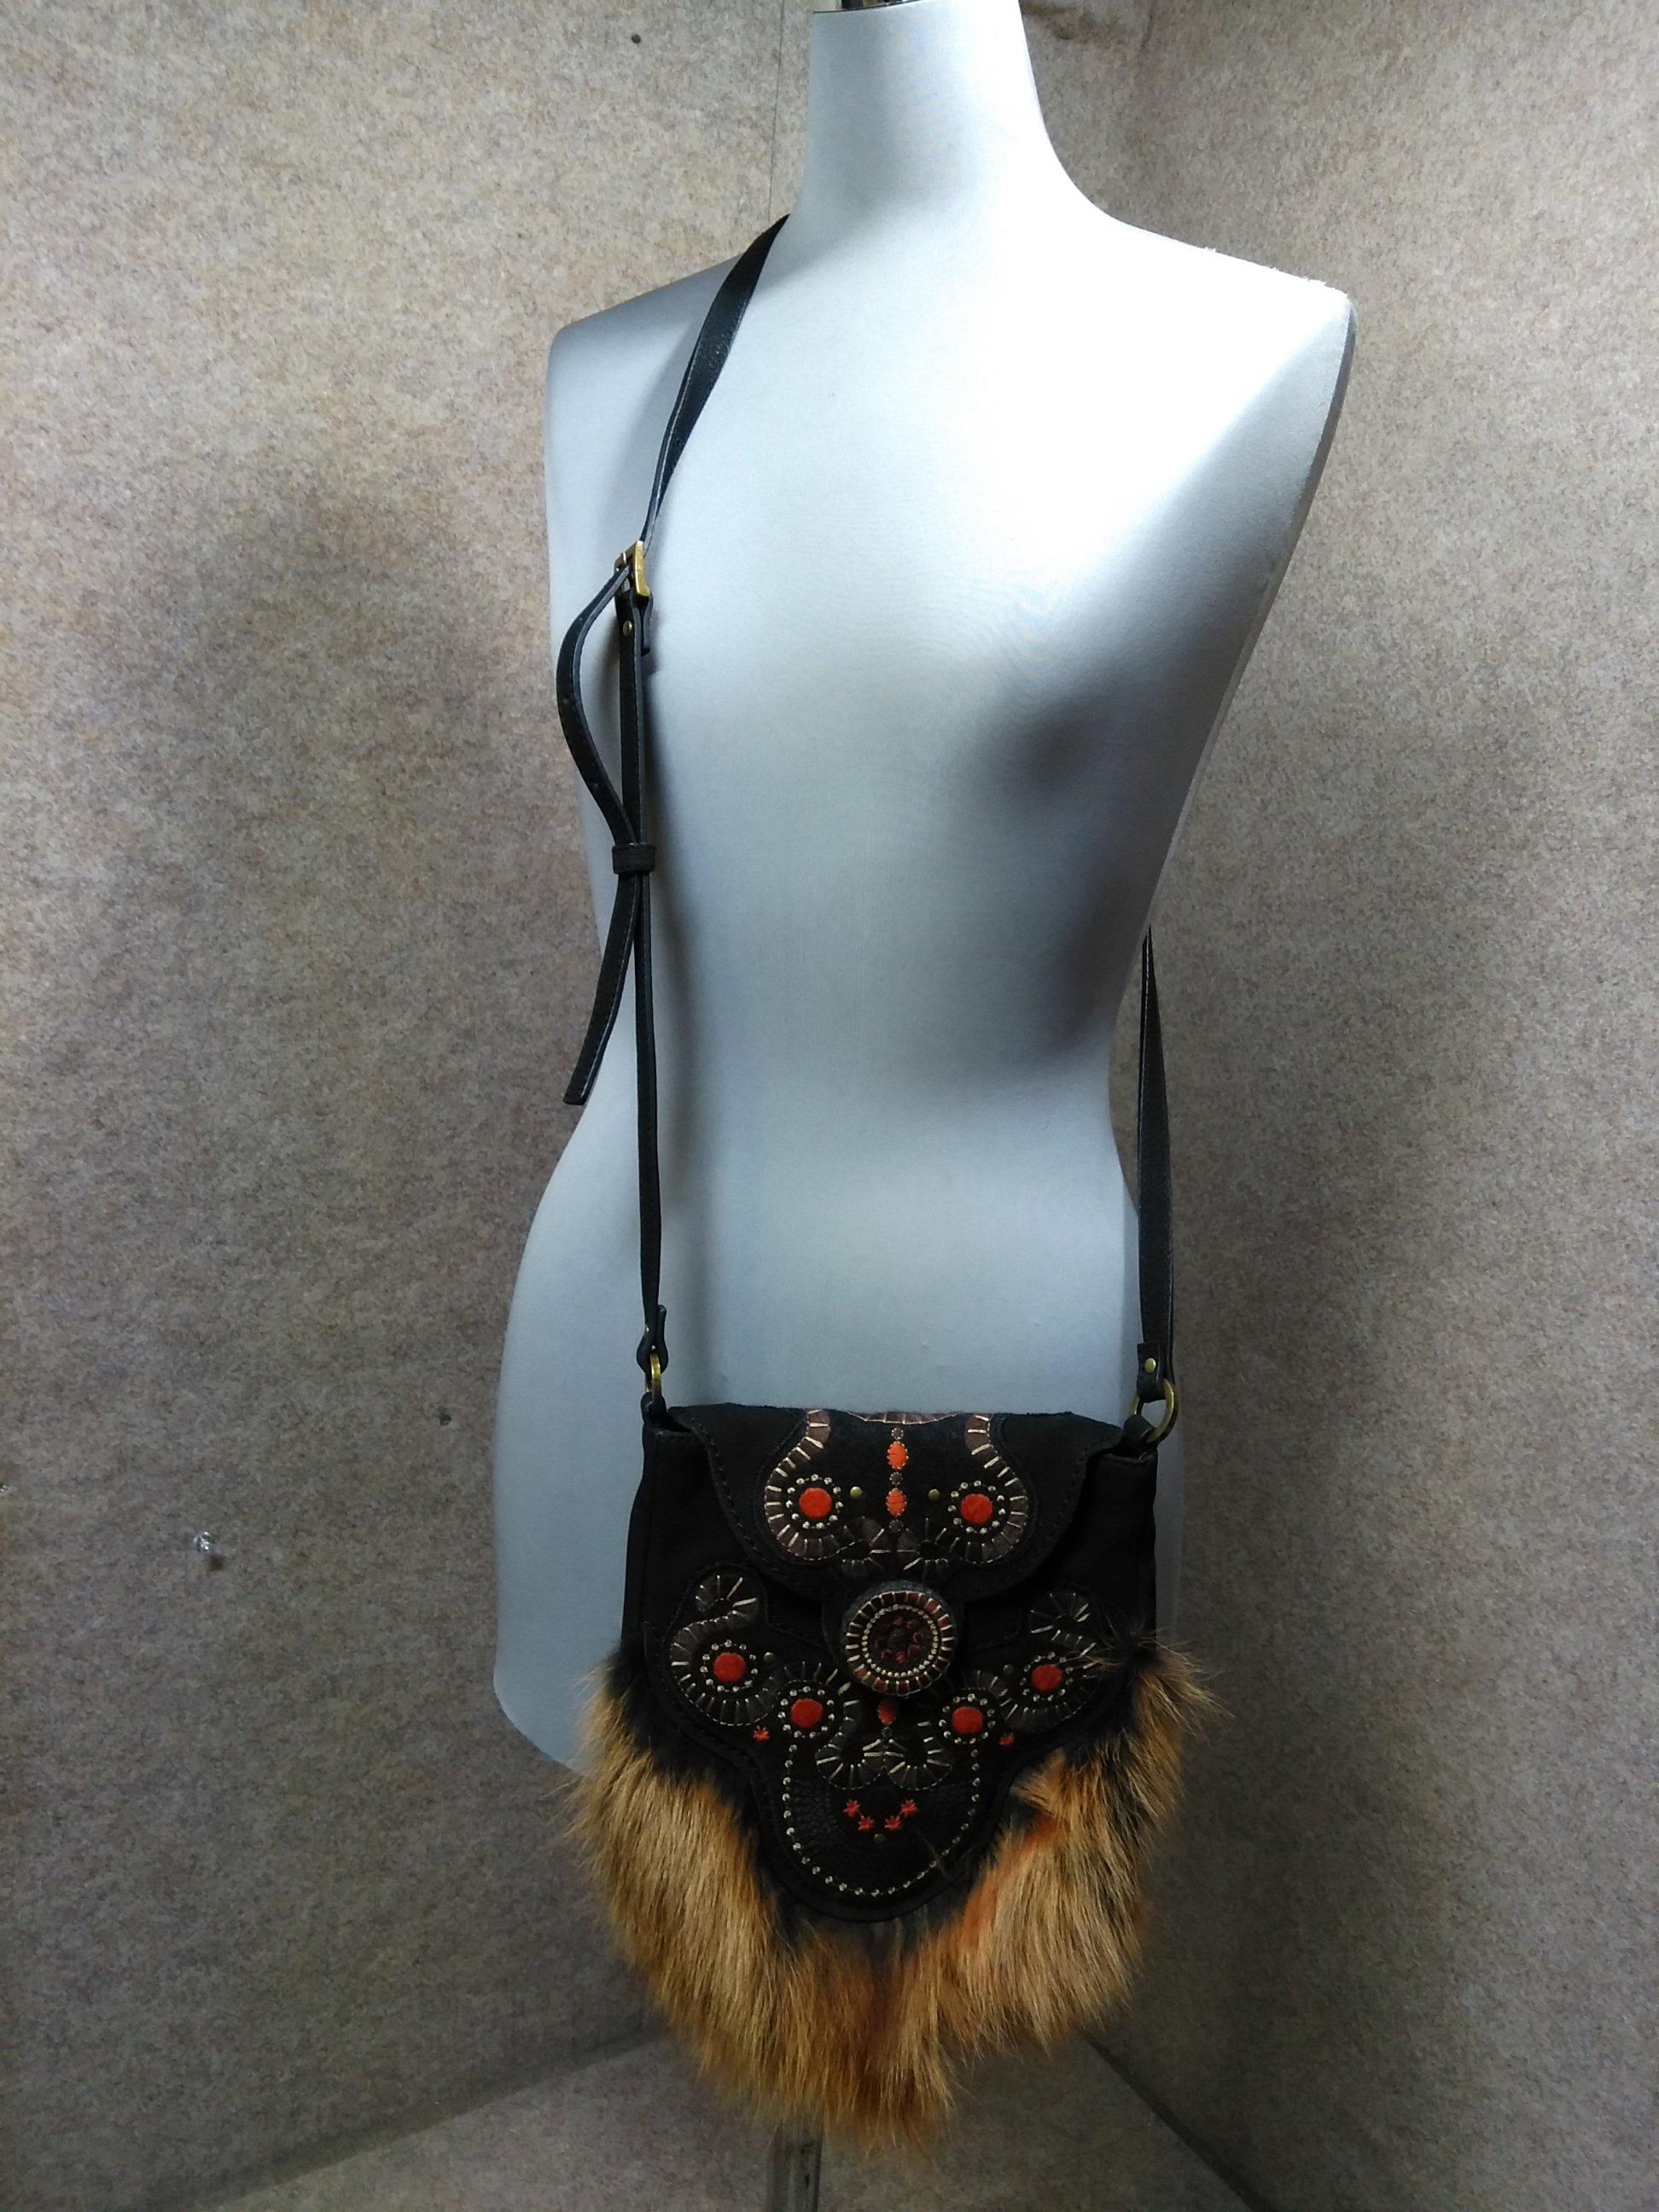 ヒロココシノ 革 毛皮 ショルダーバッグ エスニック刺繍 黒 u1068c